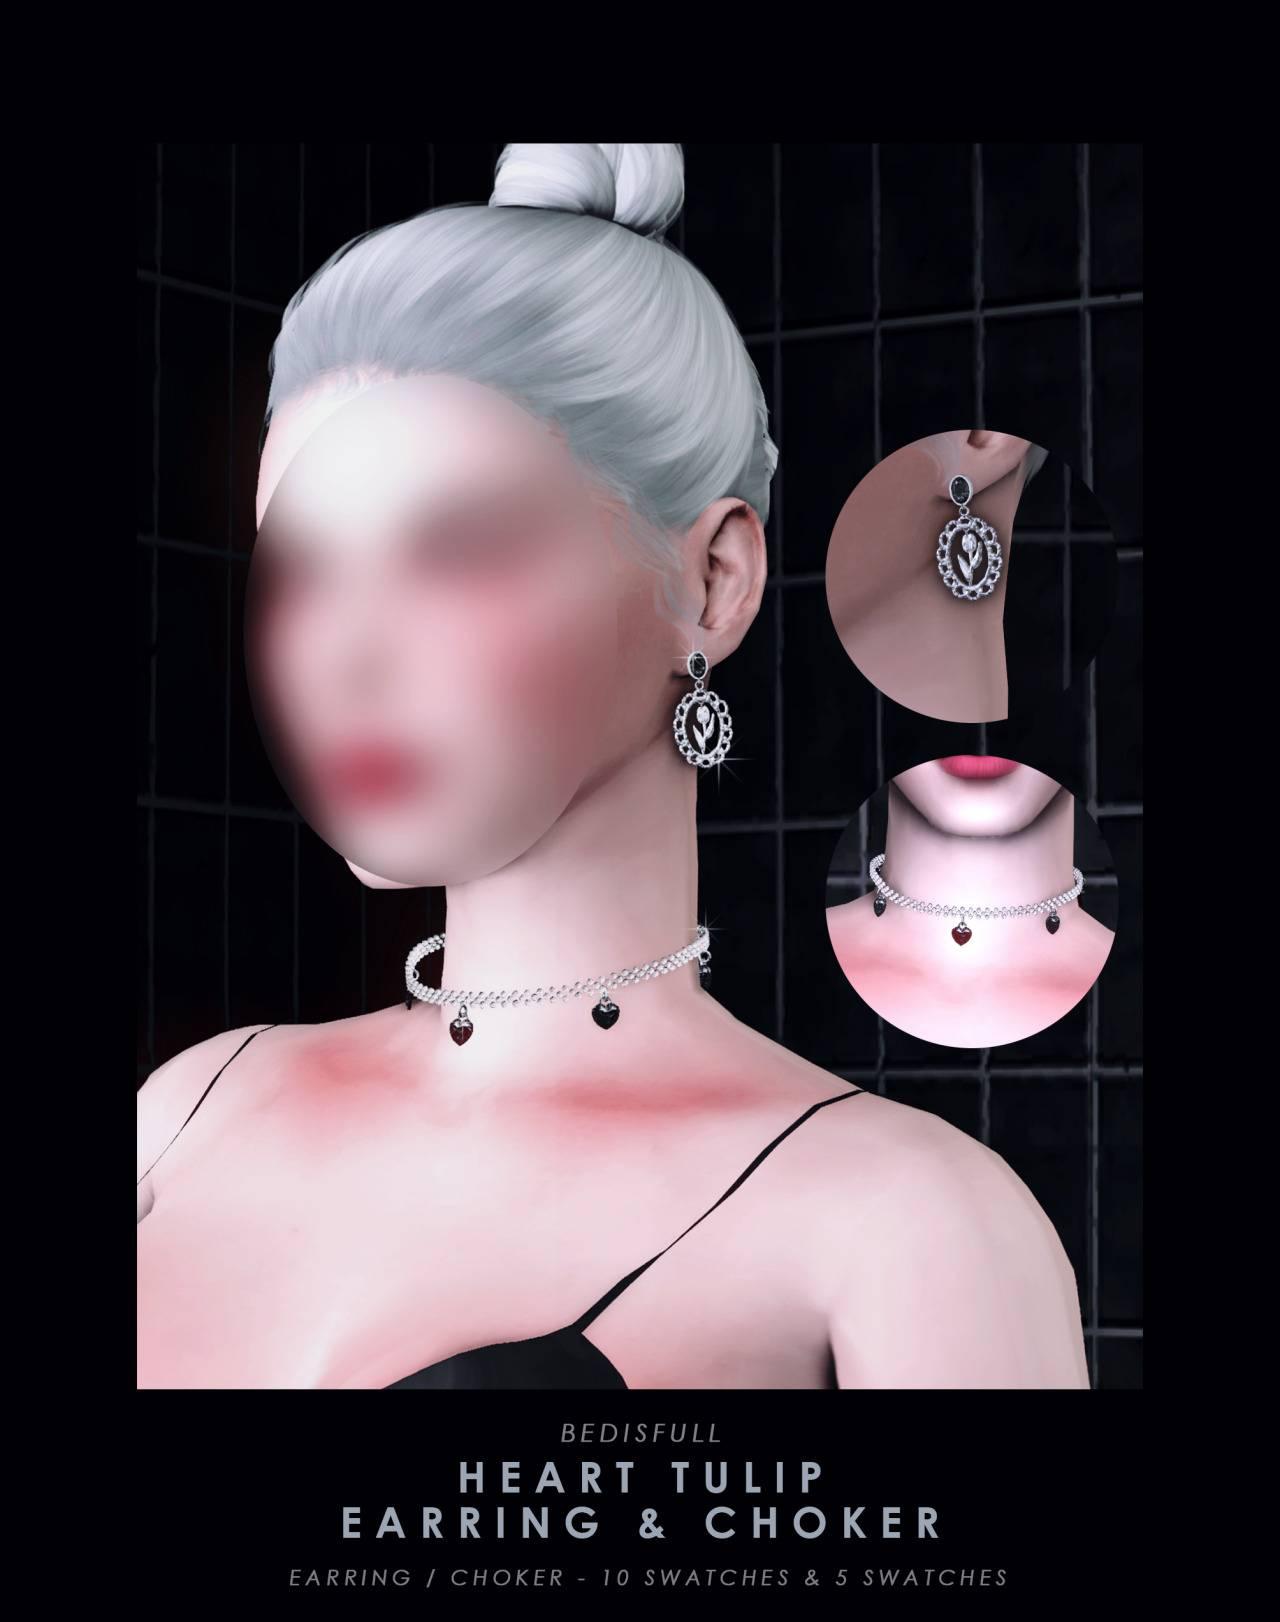 Чокер и серьги - Heart tulip earring and choker